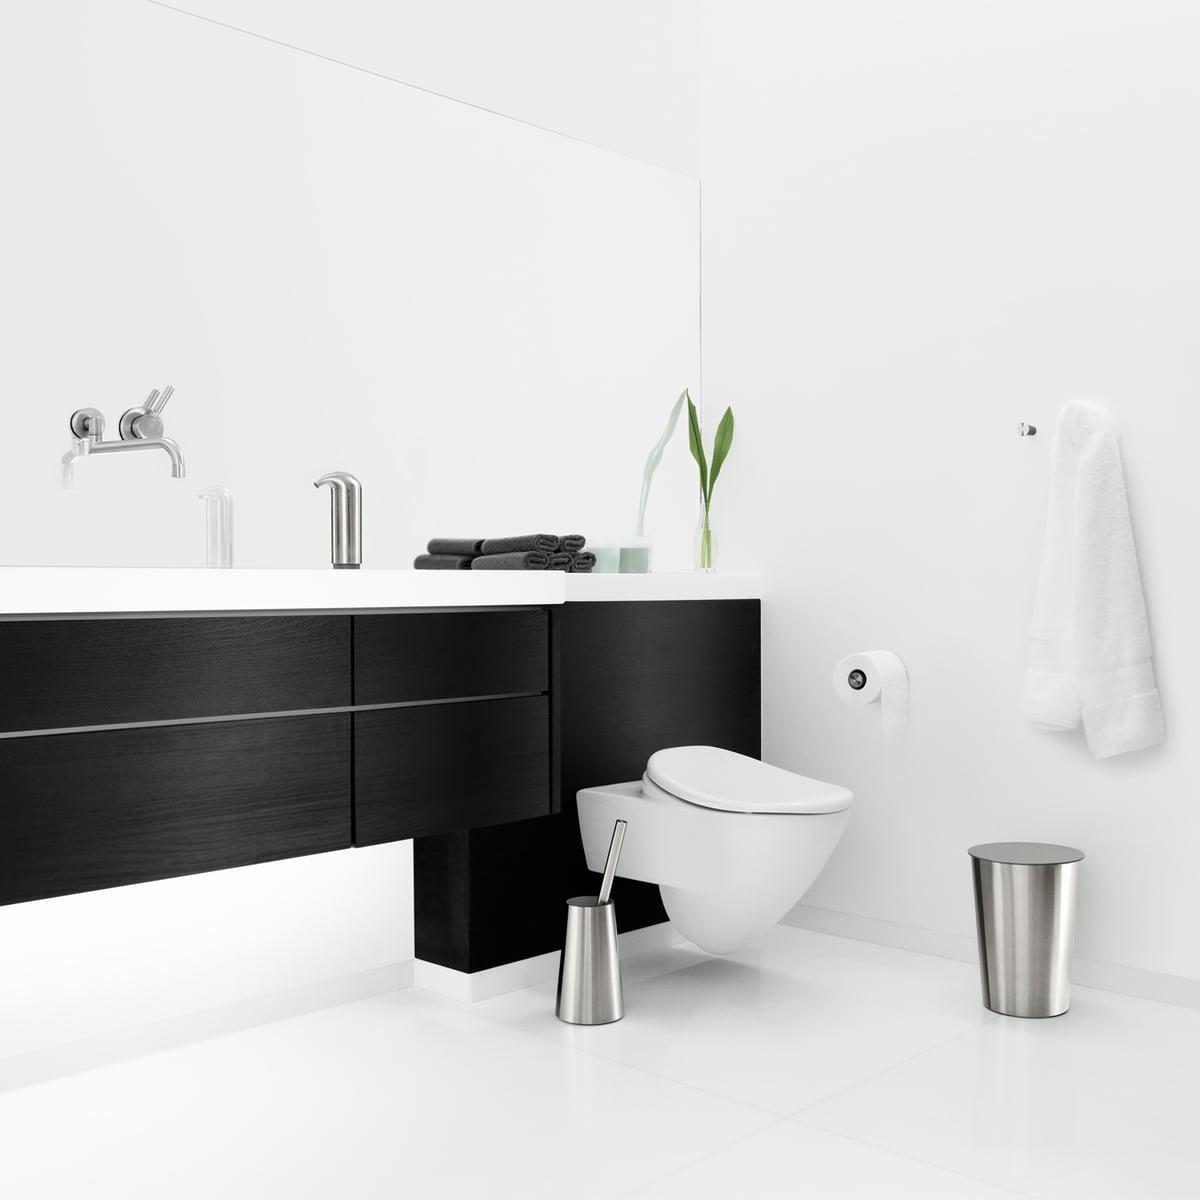 seifenspender edelstahl eva solo. Black Bedroom Furniture Sets. Home Design Ideas